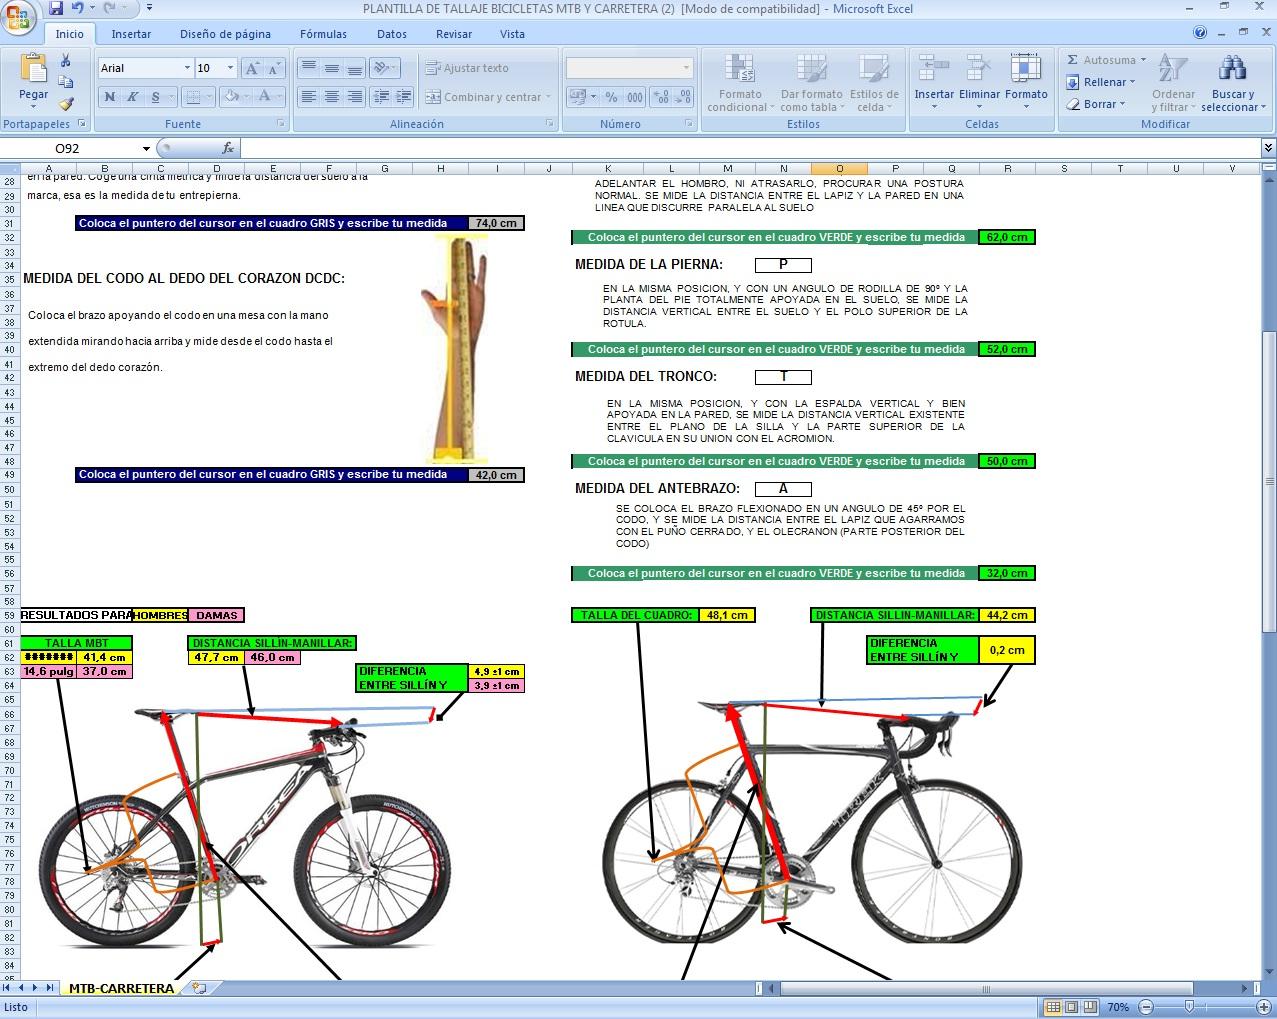 Club Ciclista la Cañada: Plantilla para tallaje de nuestra bici